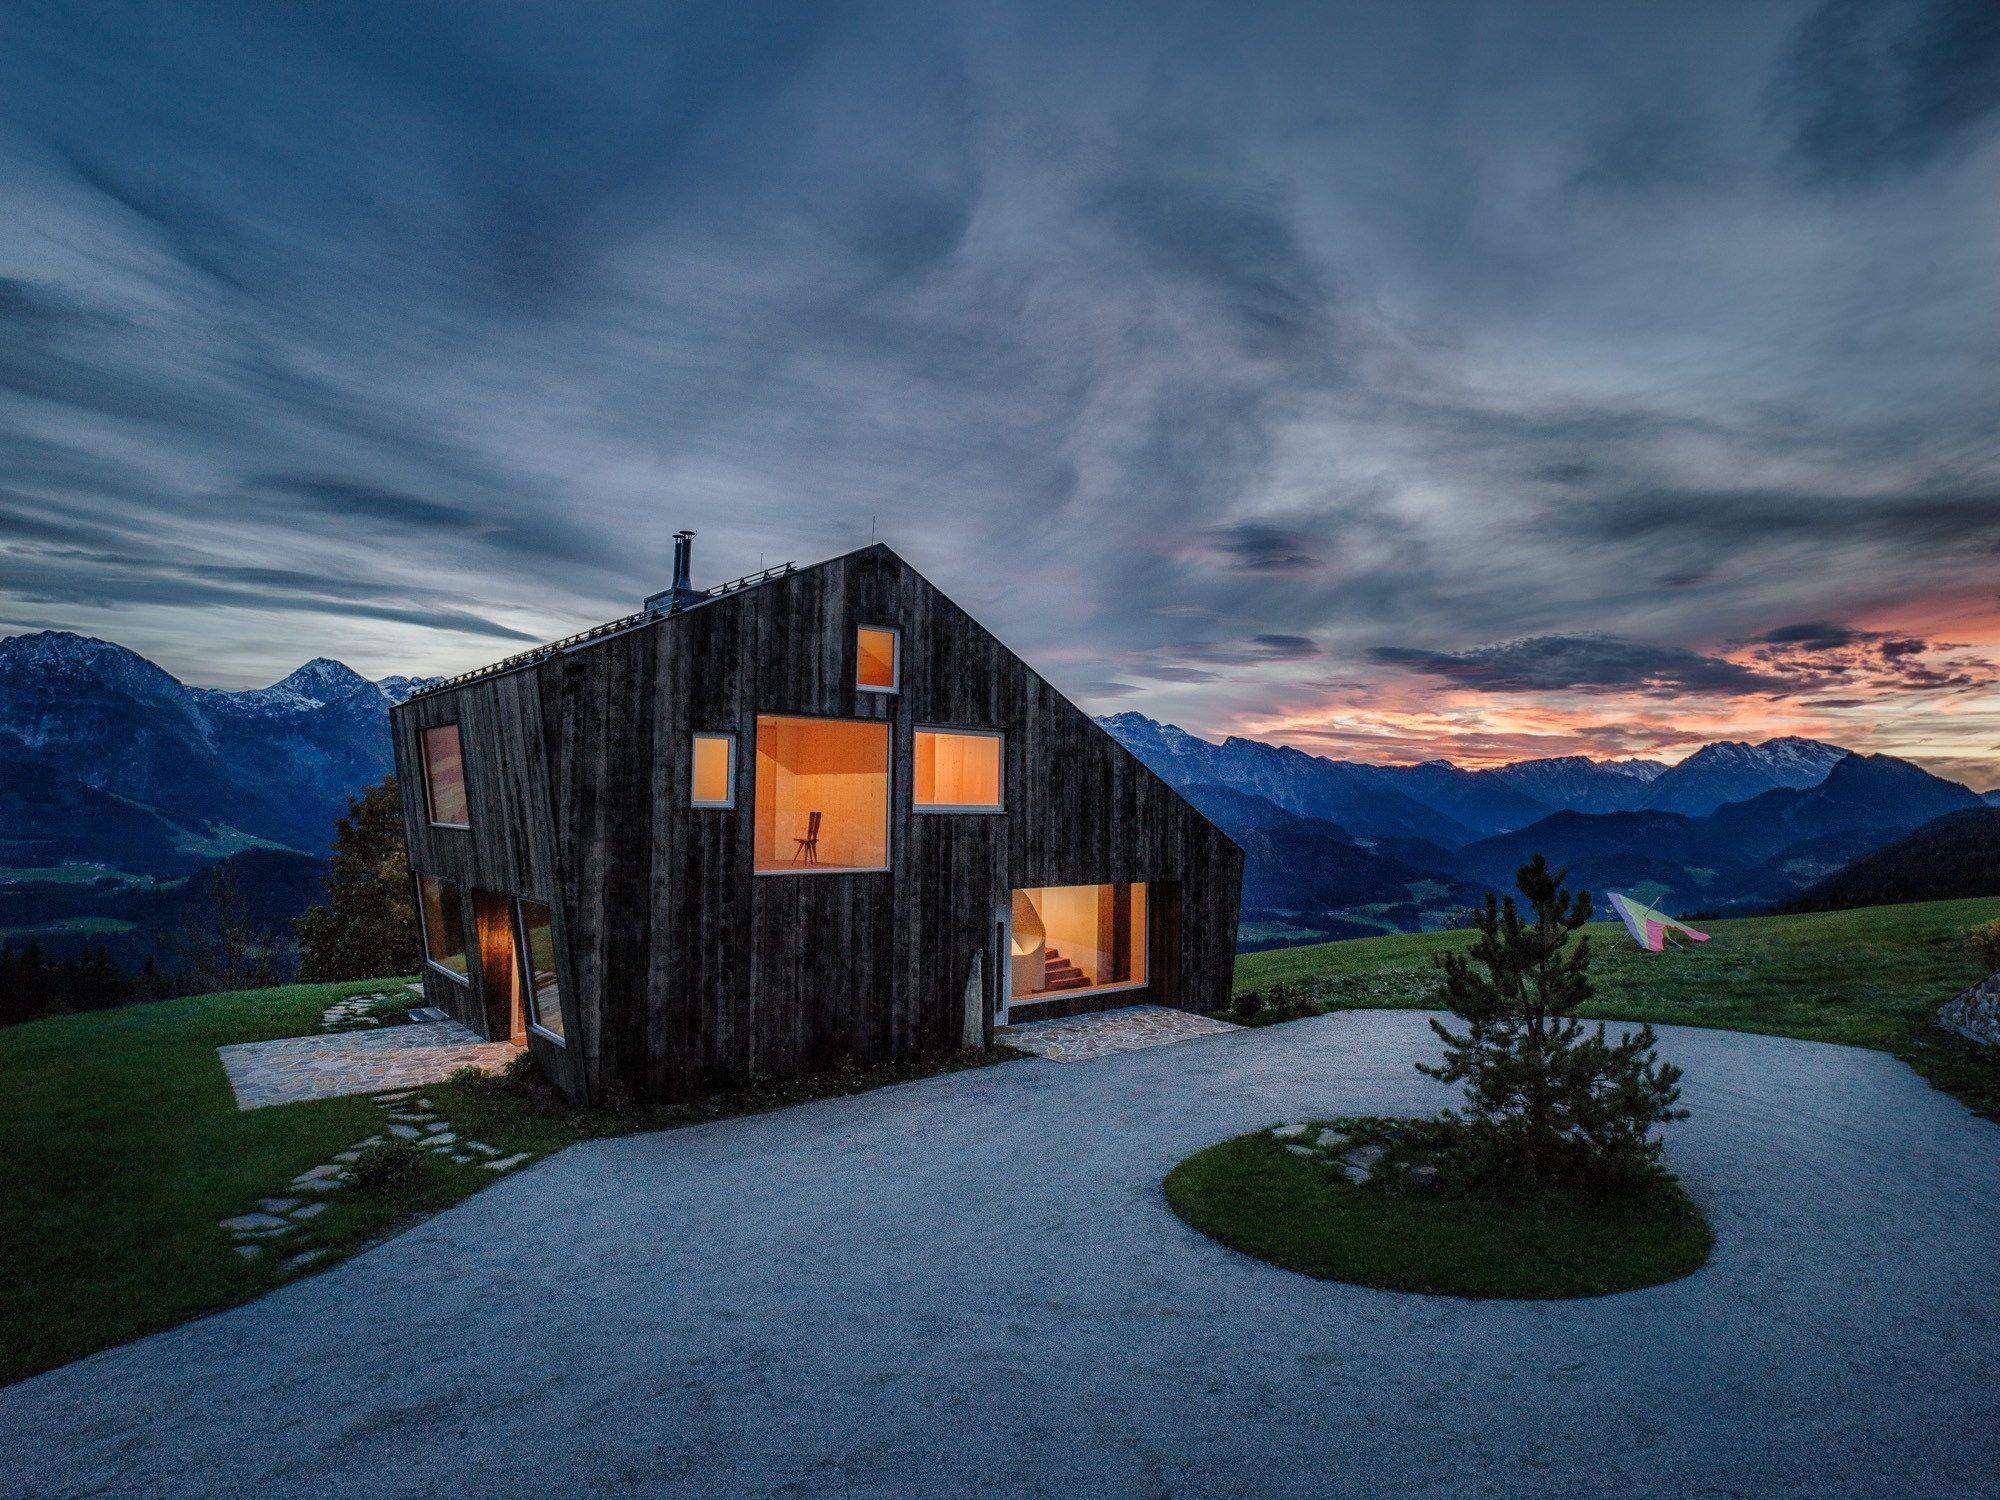 Leierhof House in the Alps by Maximilian Eisenköck